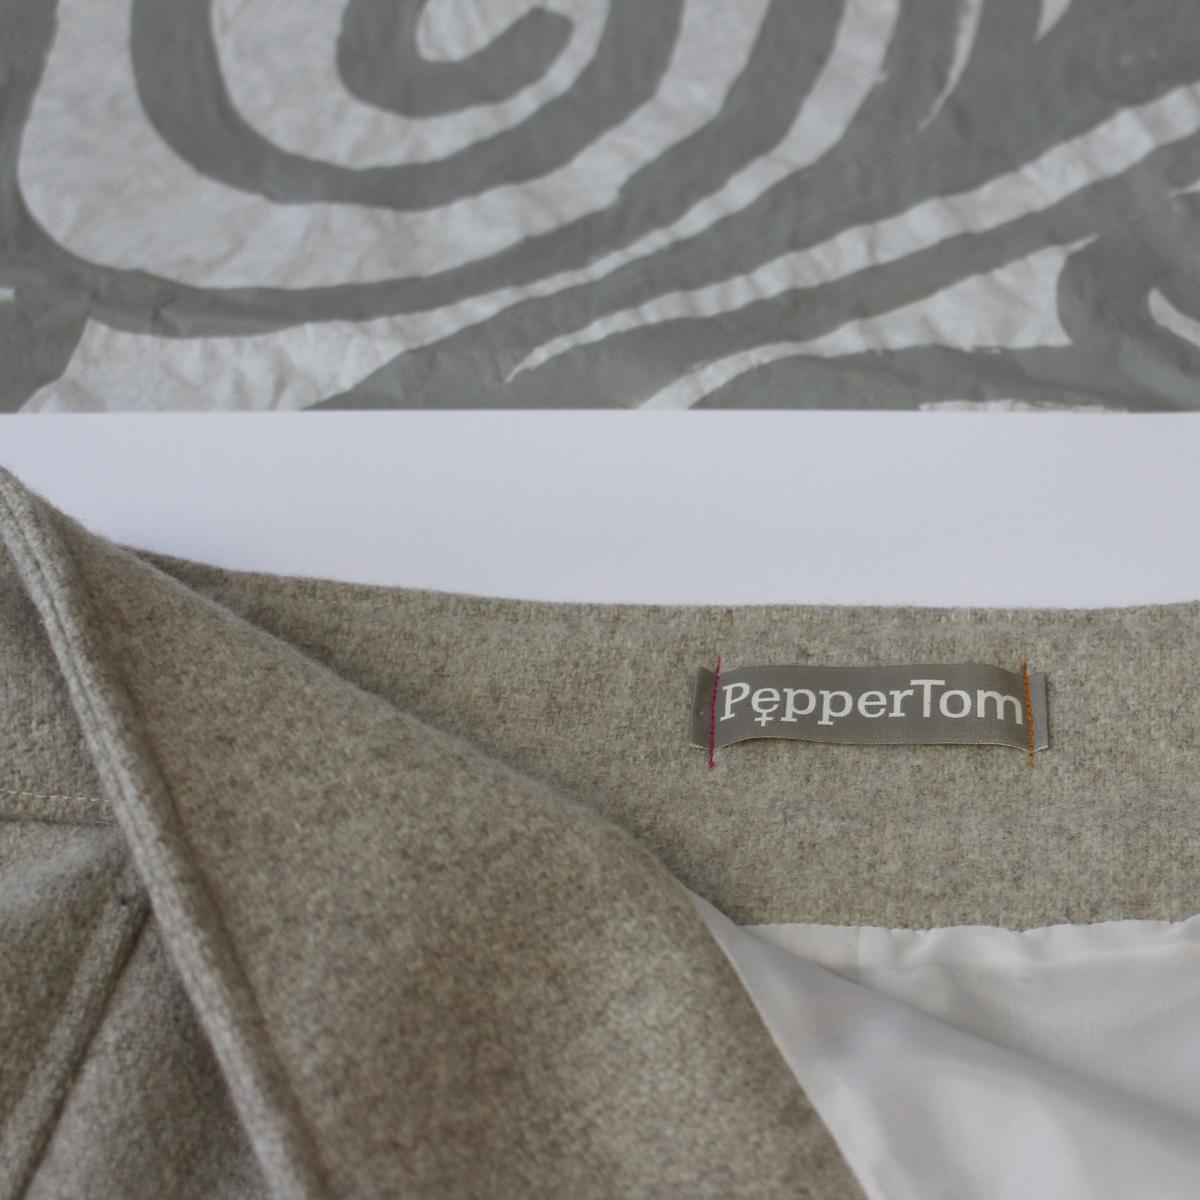 _PepperTom_Skirts_Sand_Inside.jpg